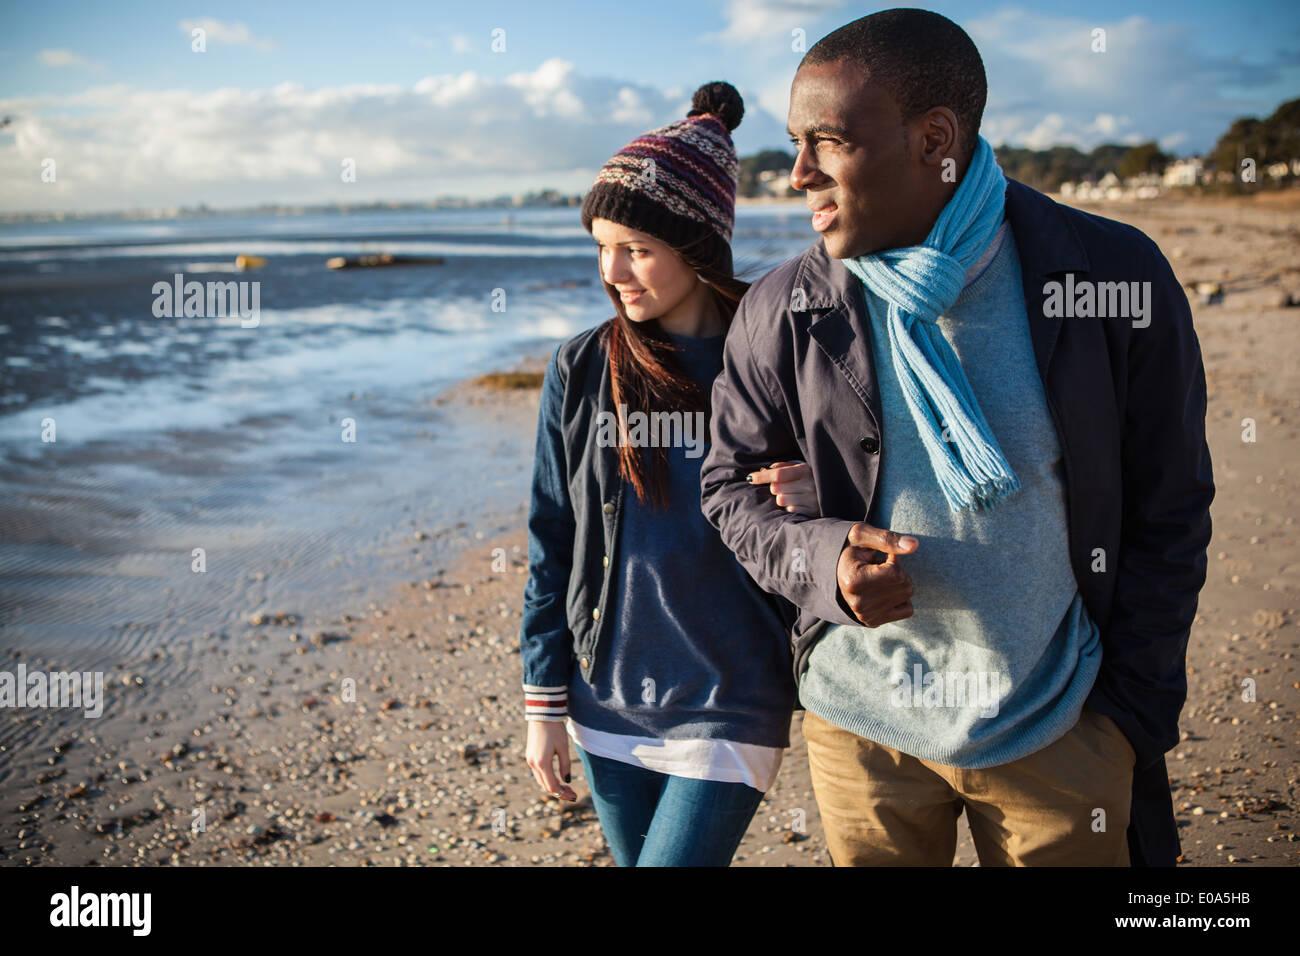 Romántica pareja joven del brazo en la playa Imagen De Stock